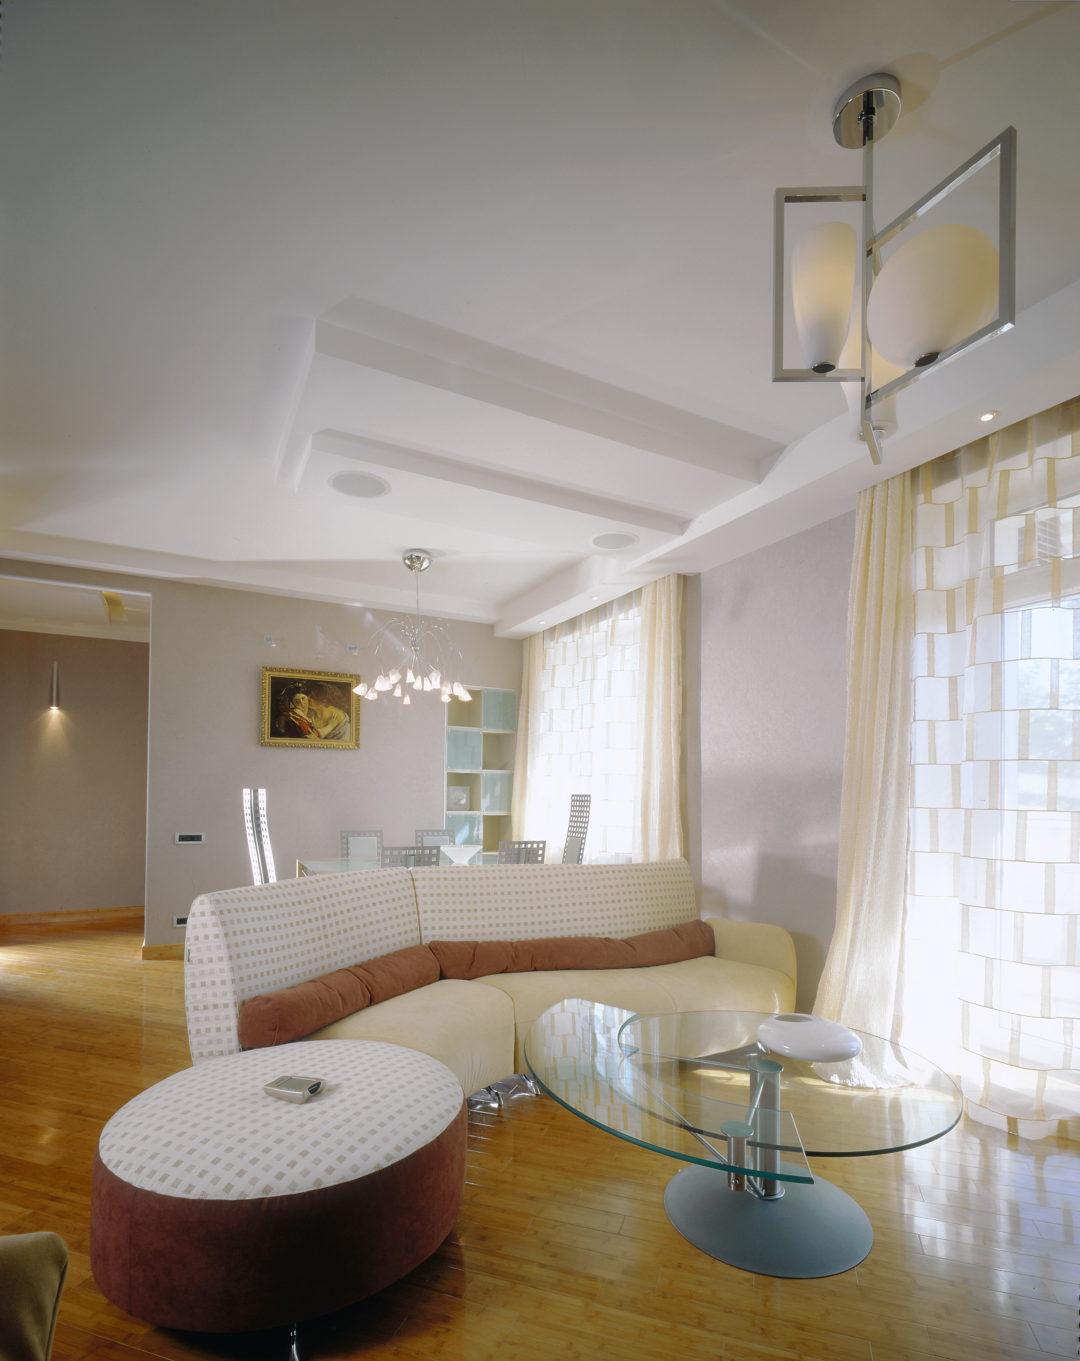 Дизайн интерьера квартиры в современном стиле. Фото.